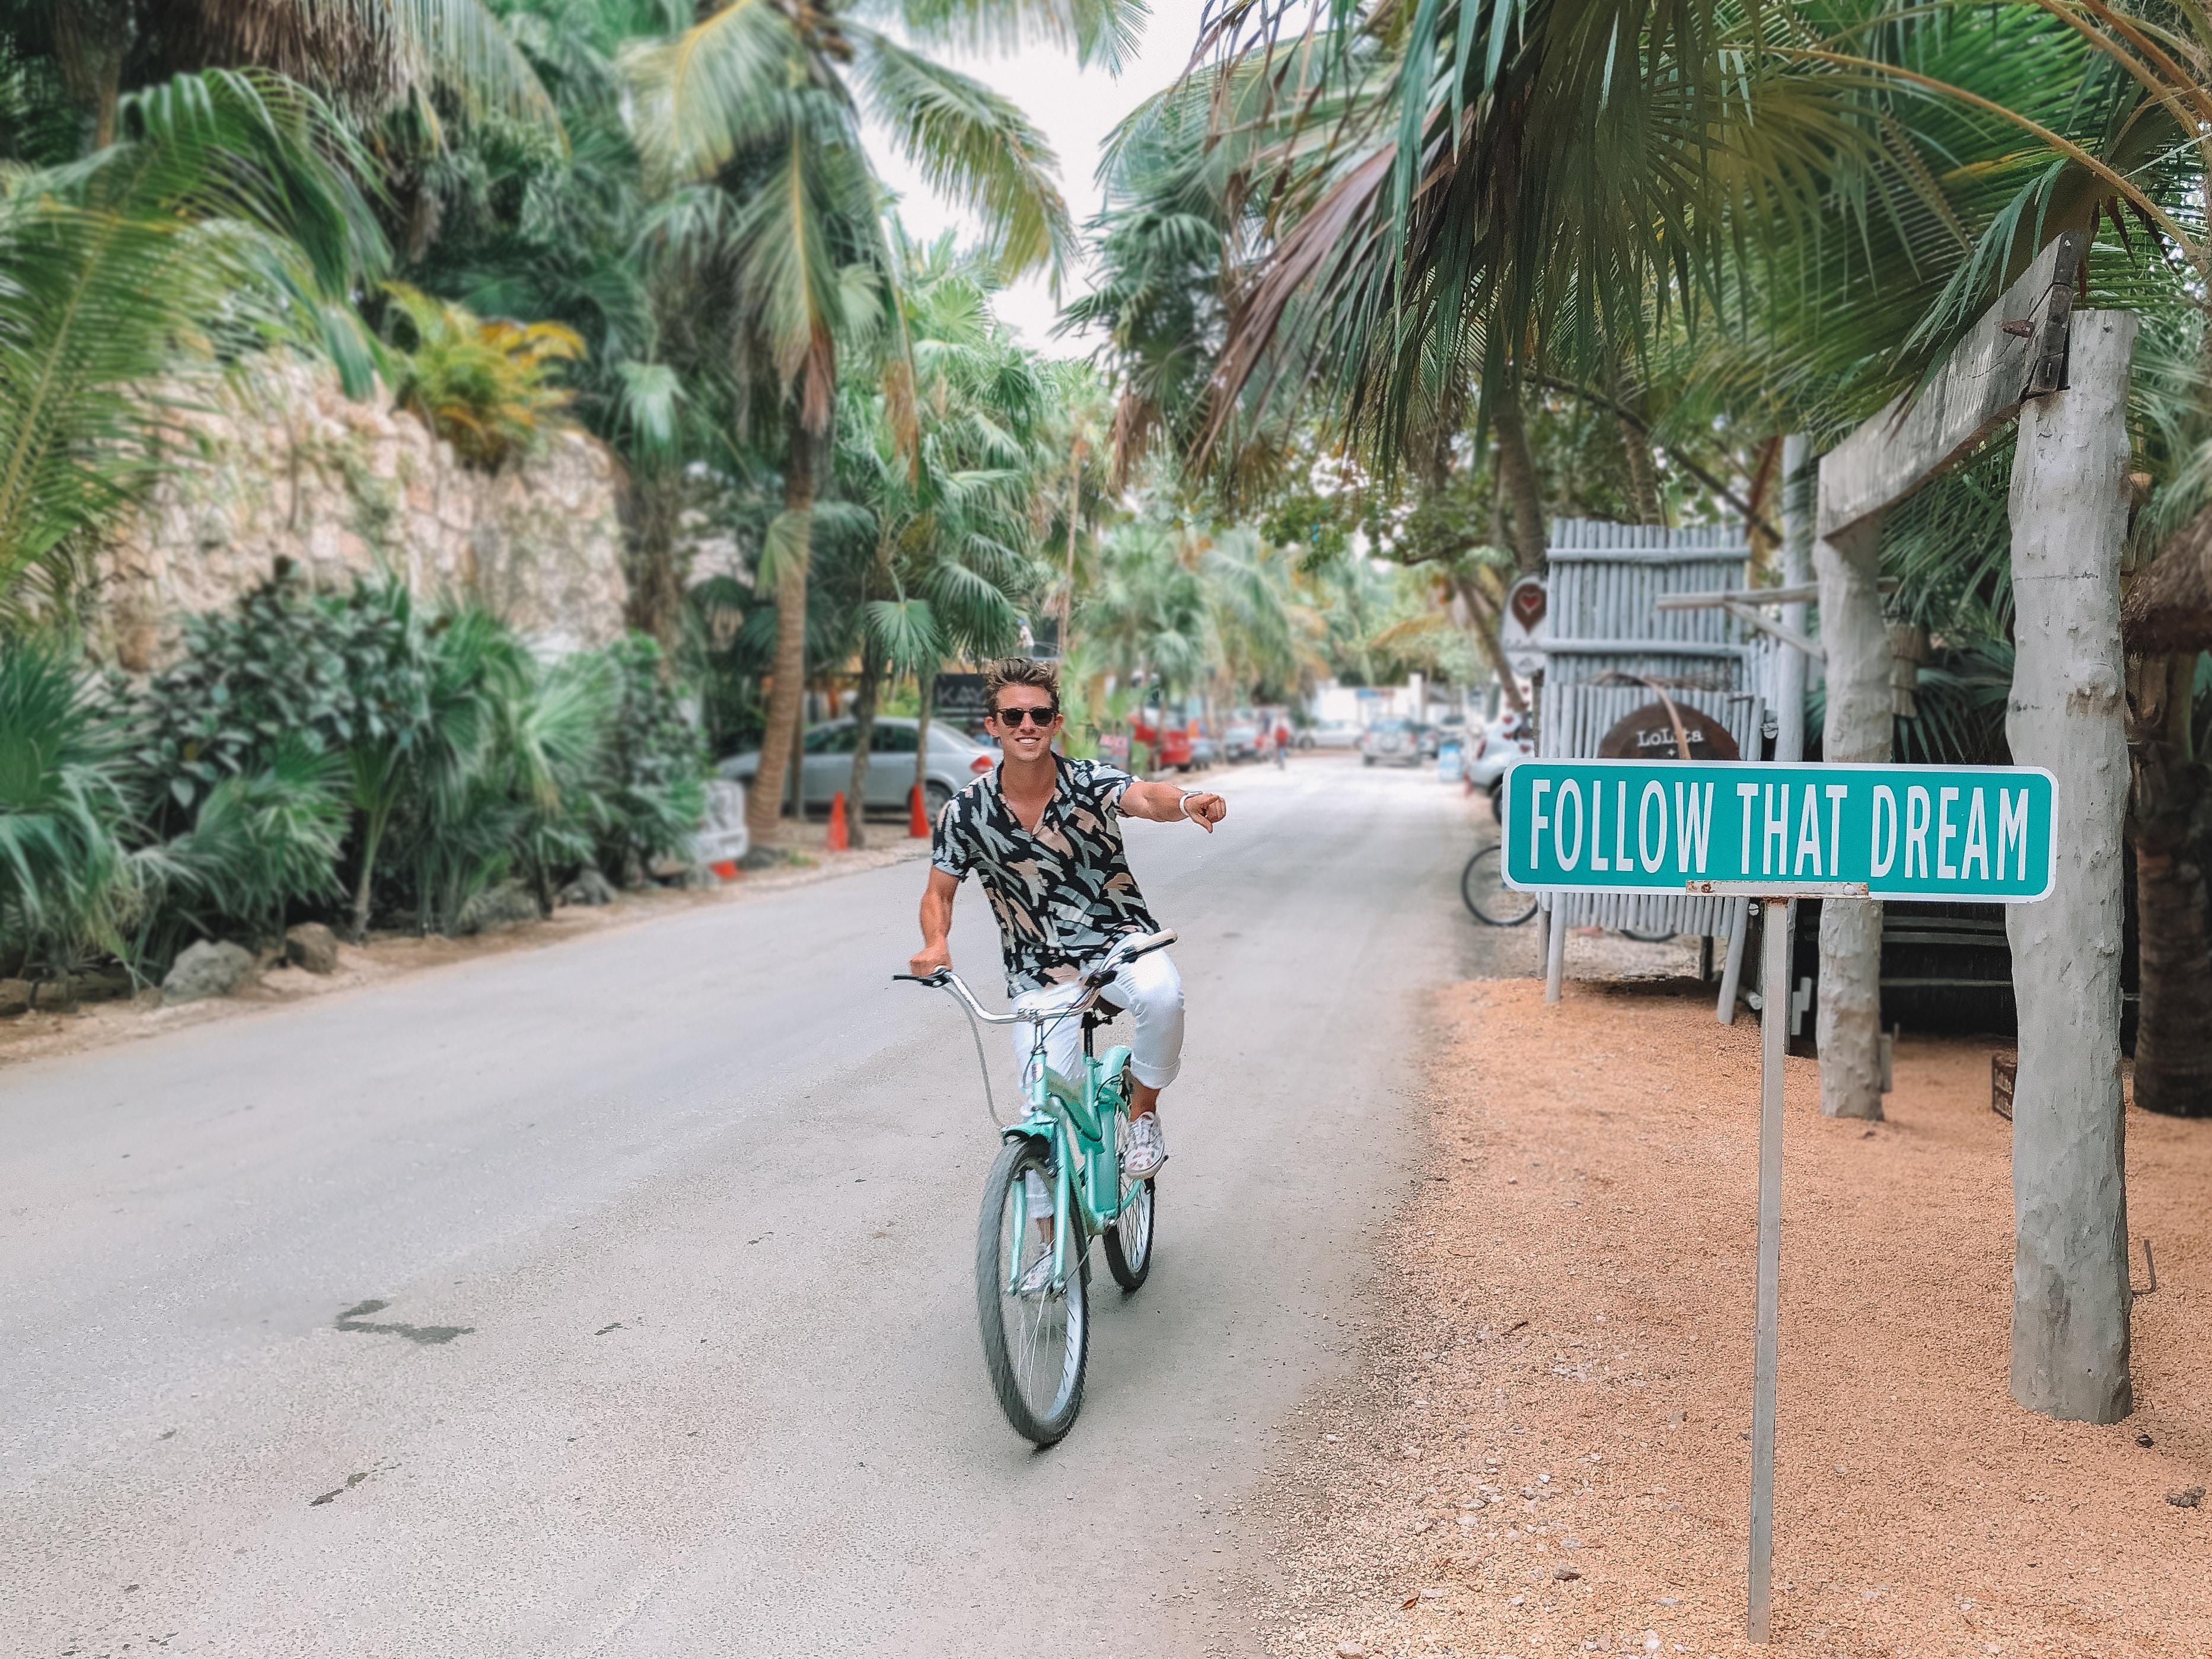 Jak prowadzić firmę będąc w podróży